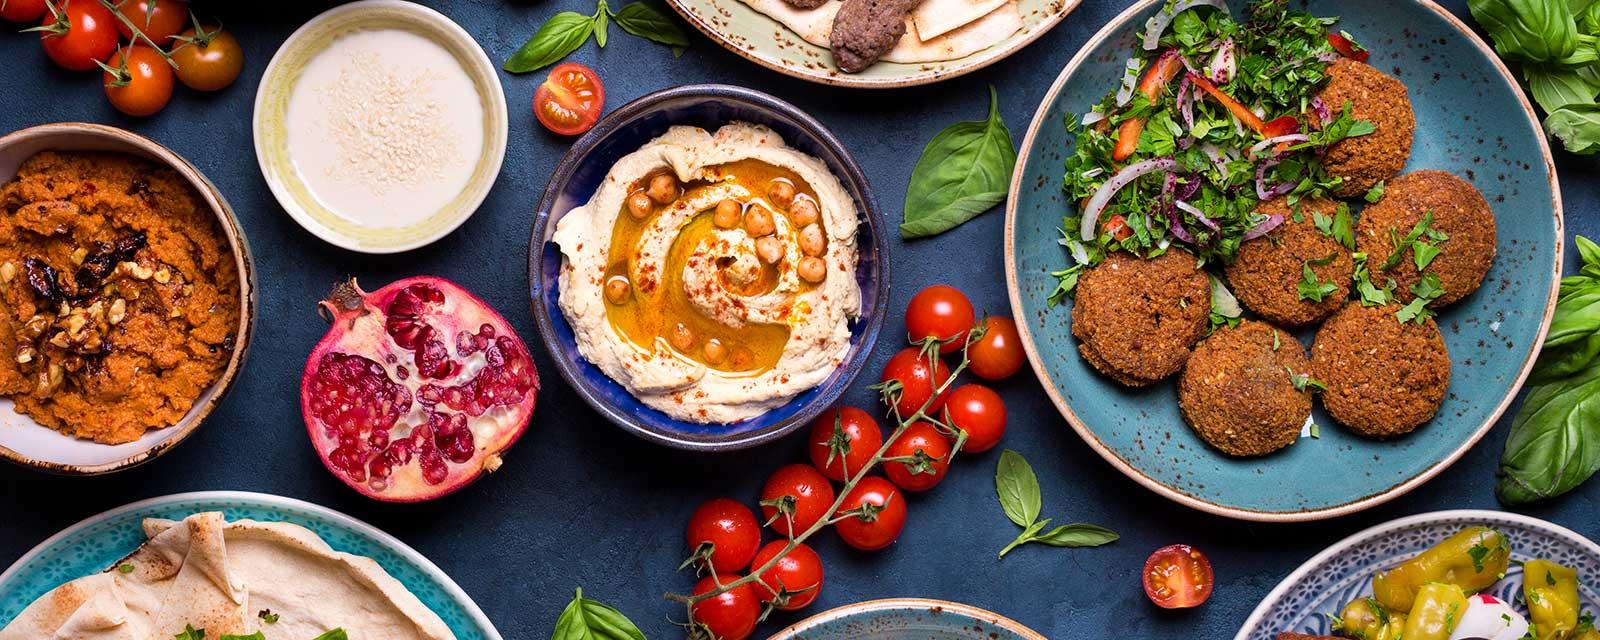 ramazan restoranlar